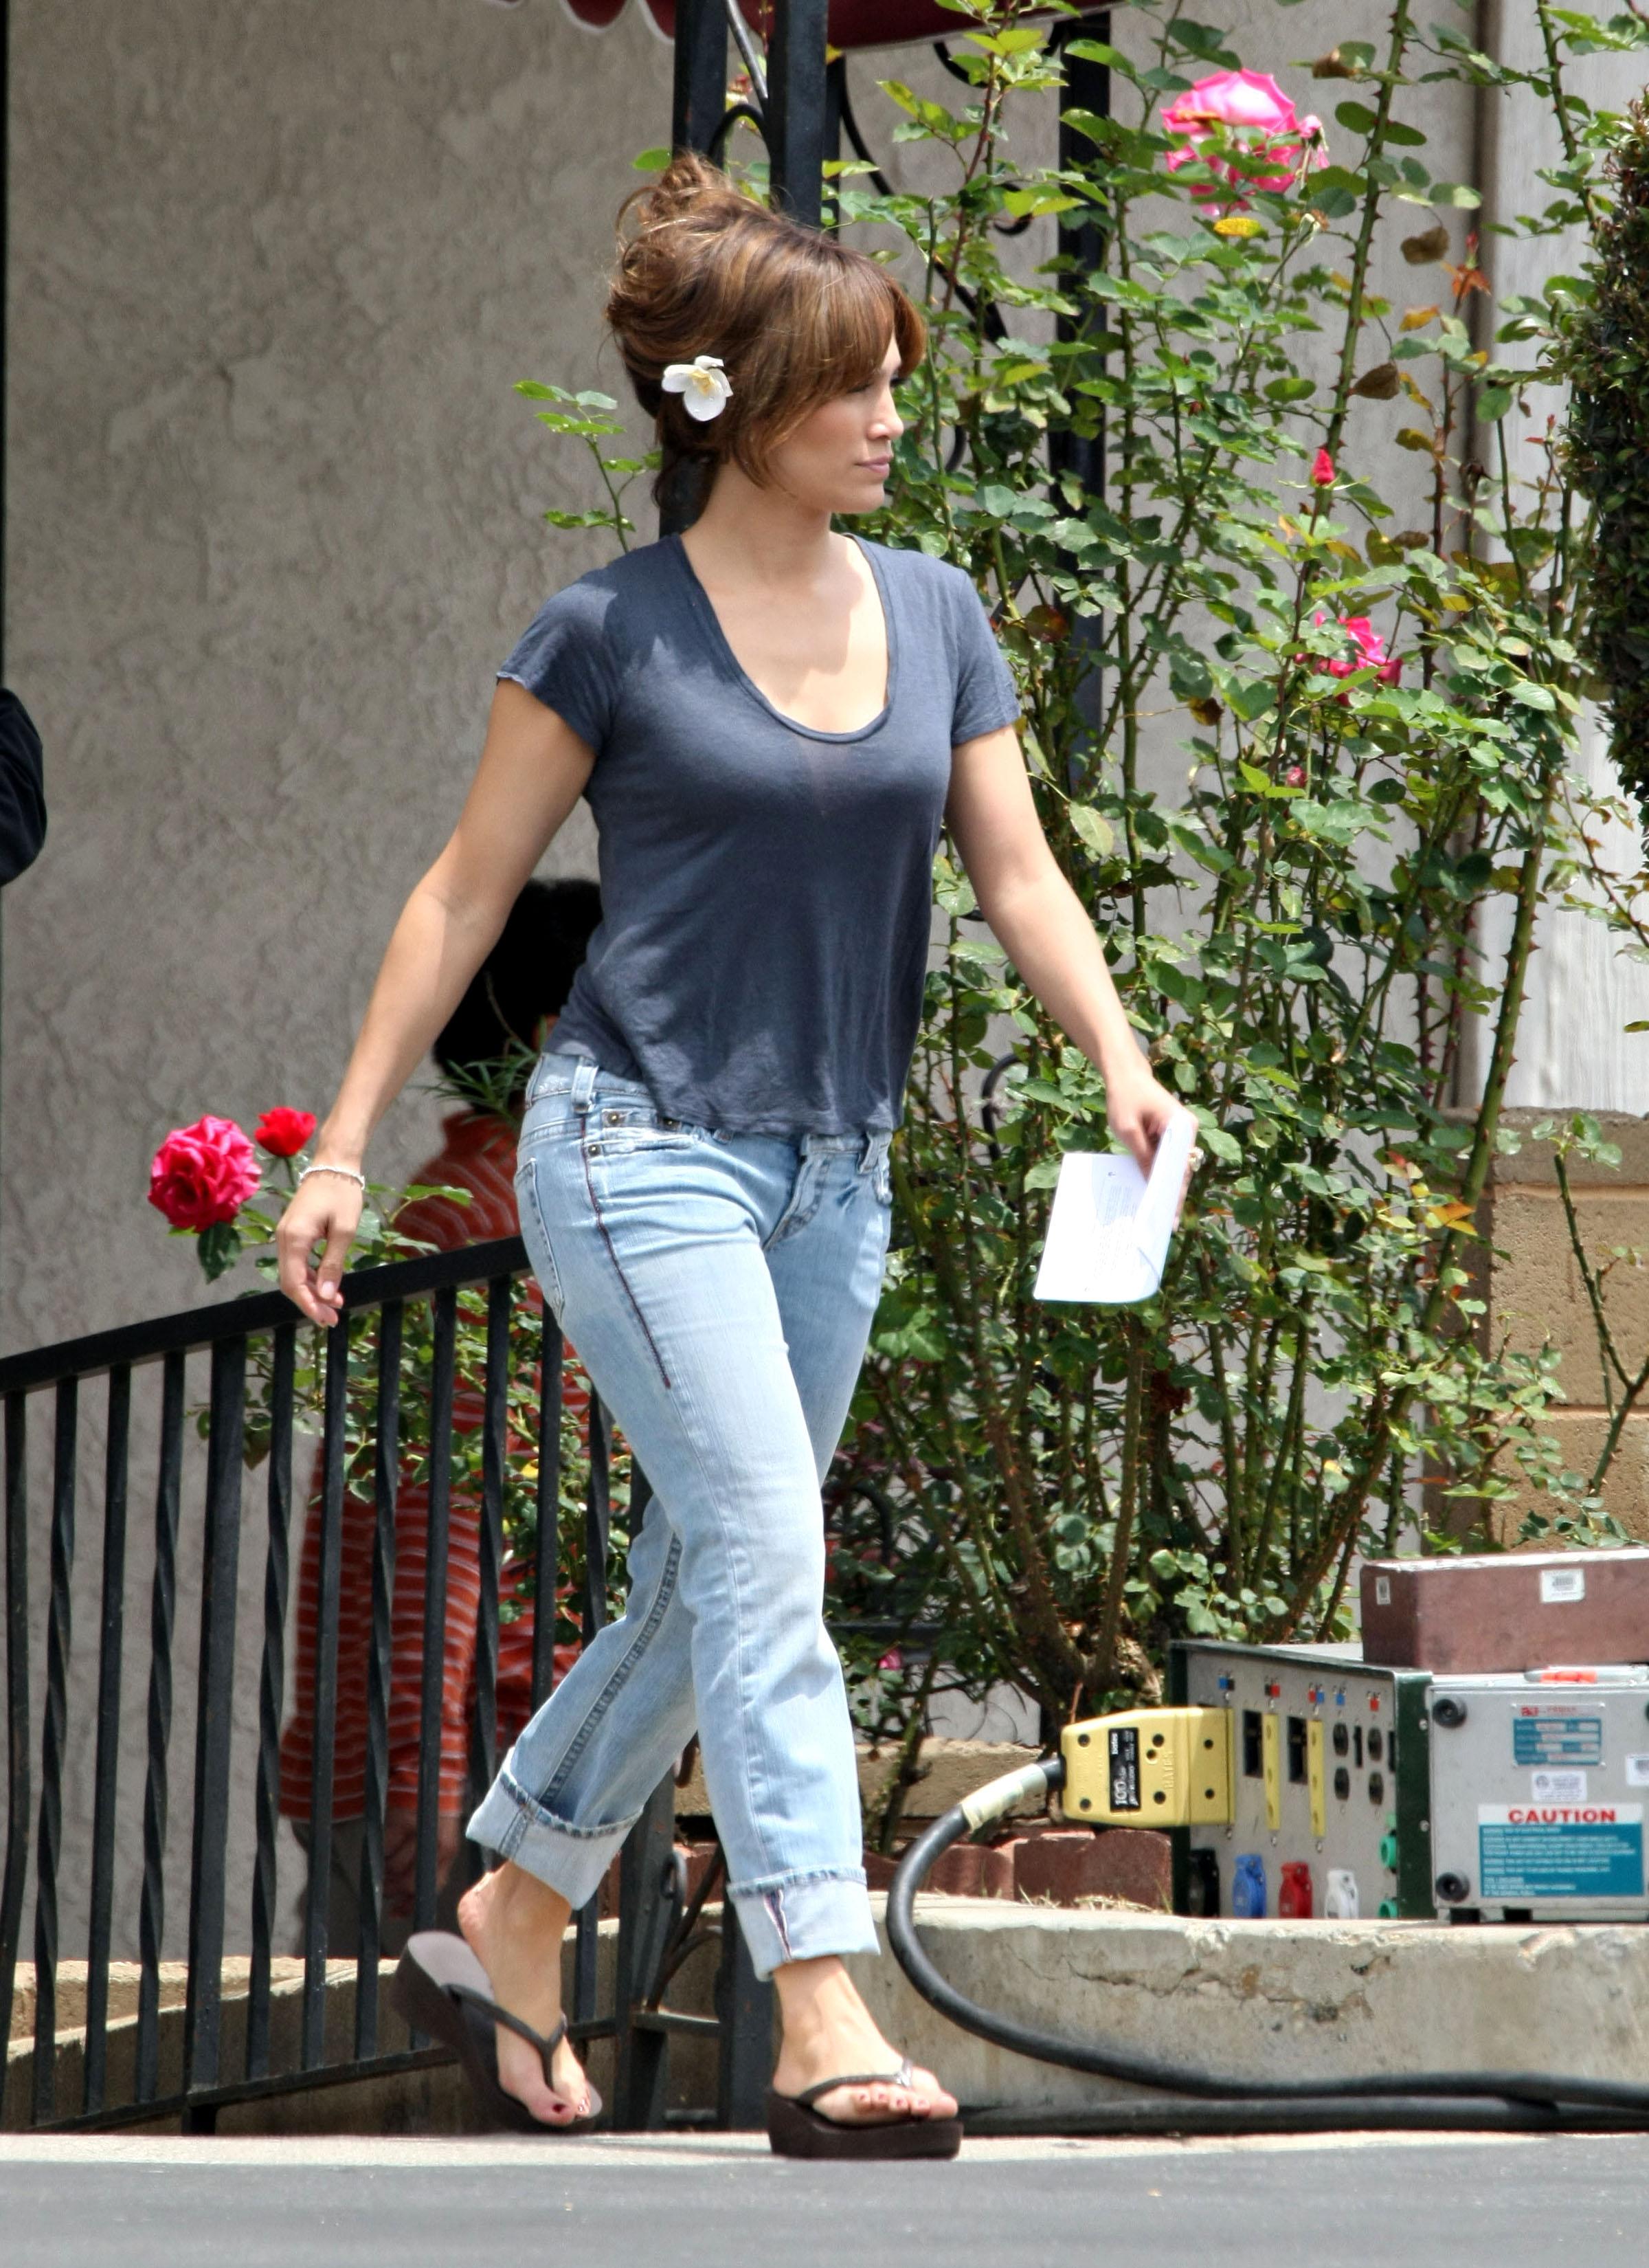 39006_Preppie_-_Jennifer_Lopez_on_The_Backup_Plan_set_in_Los_Angeles_-_June_15_2009_986_122_1070lo.jpg